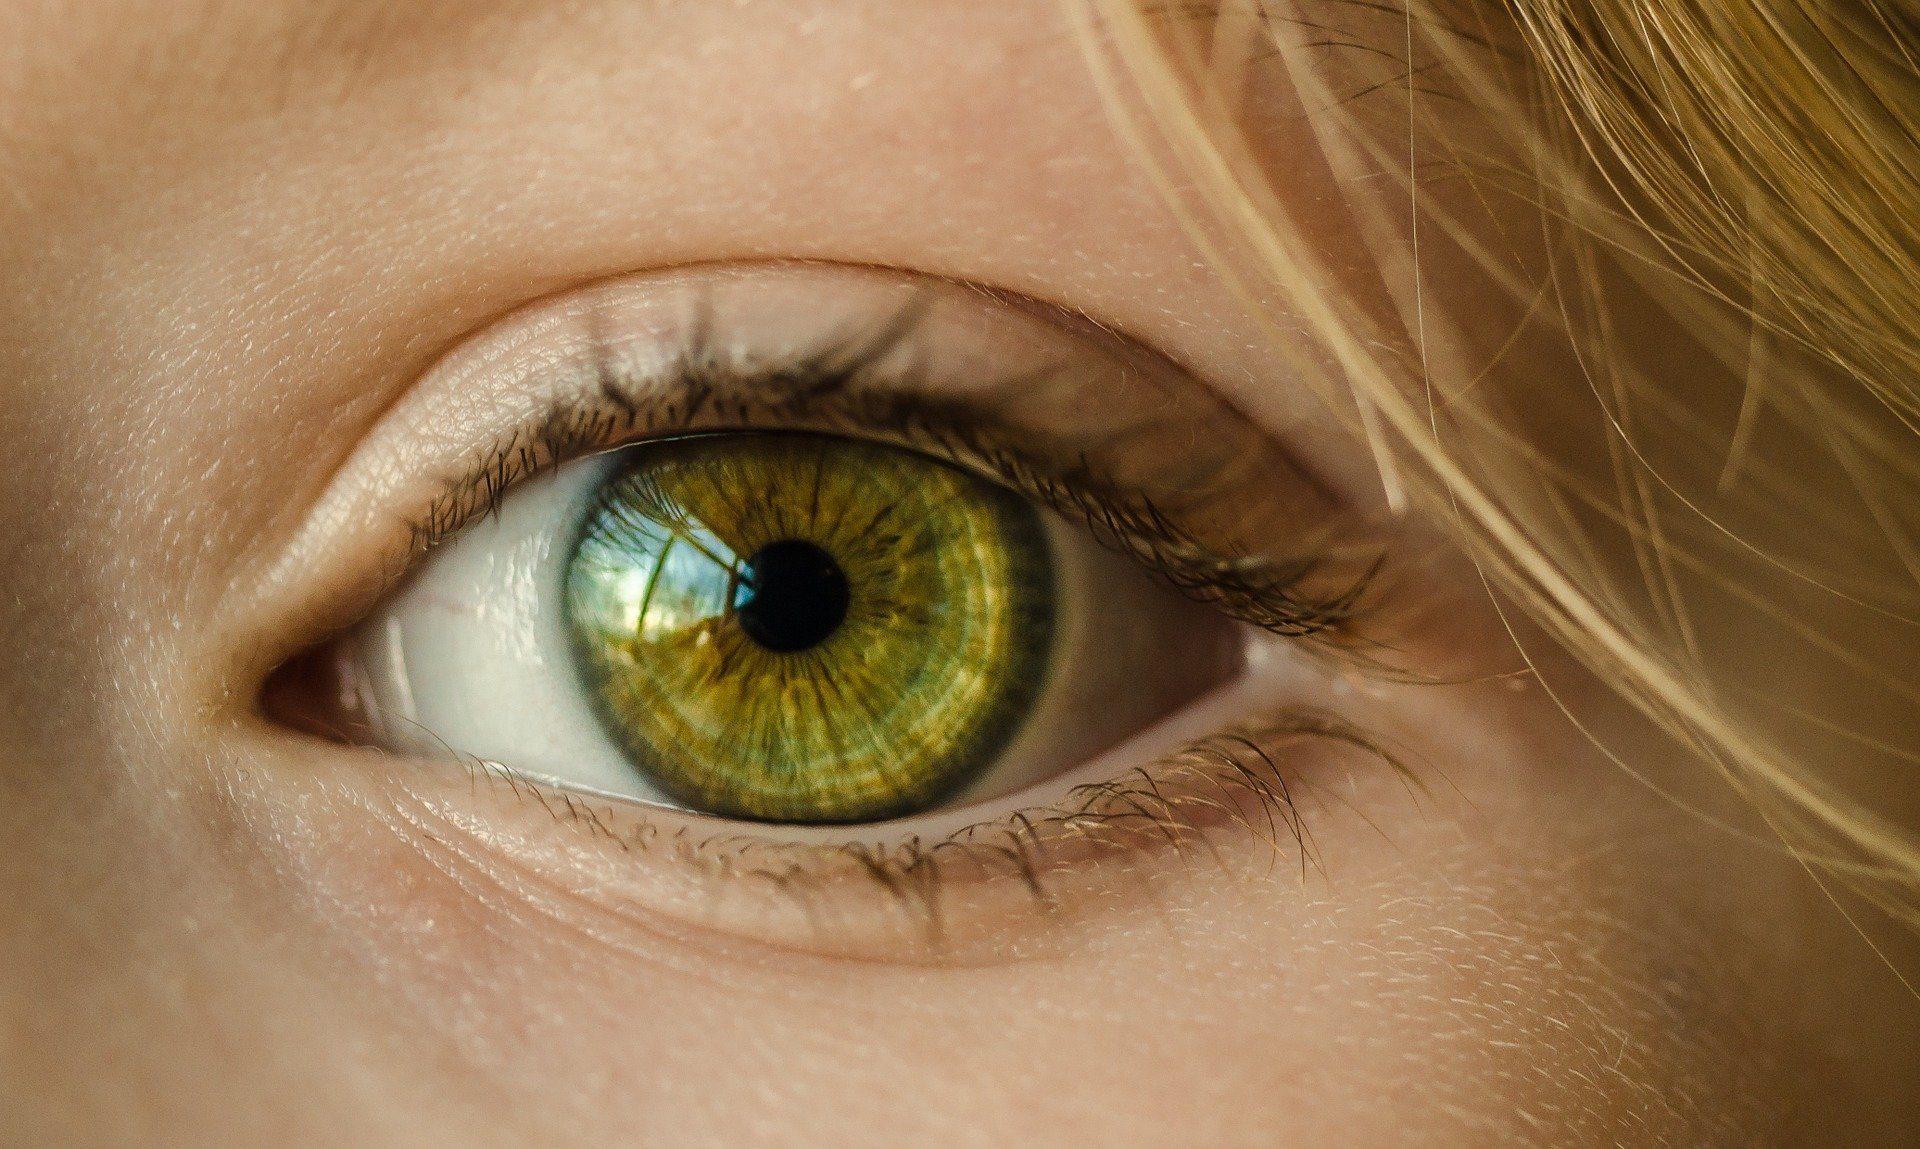 Врачи назвали три частых глазных симптома коронавируса